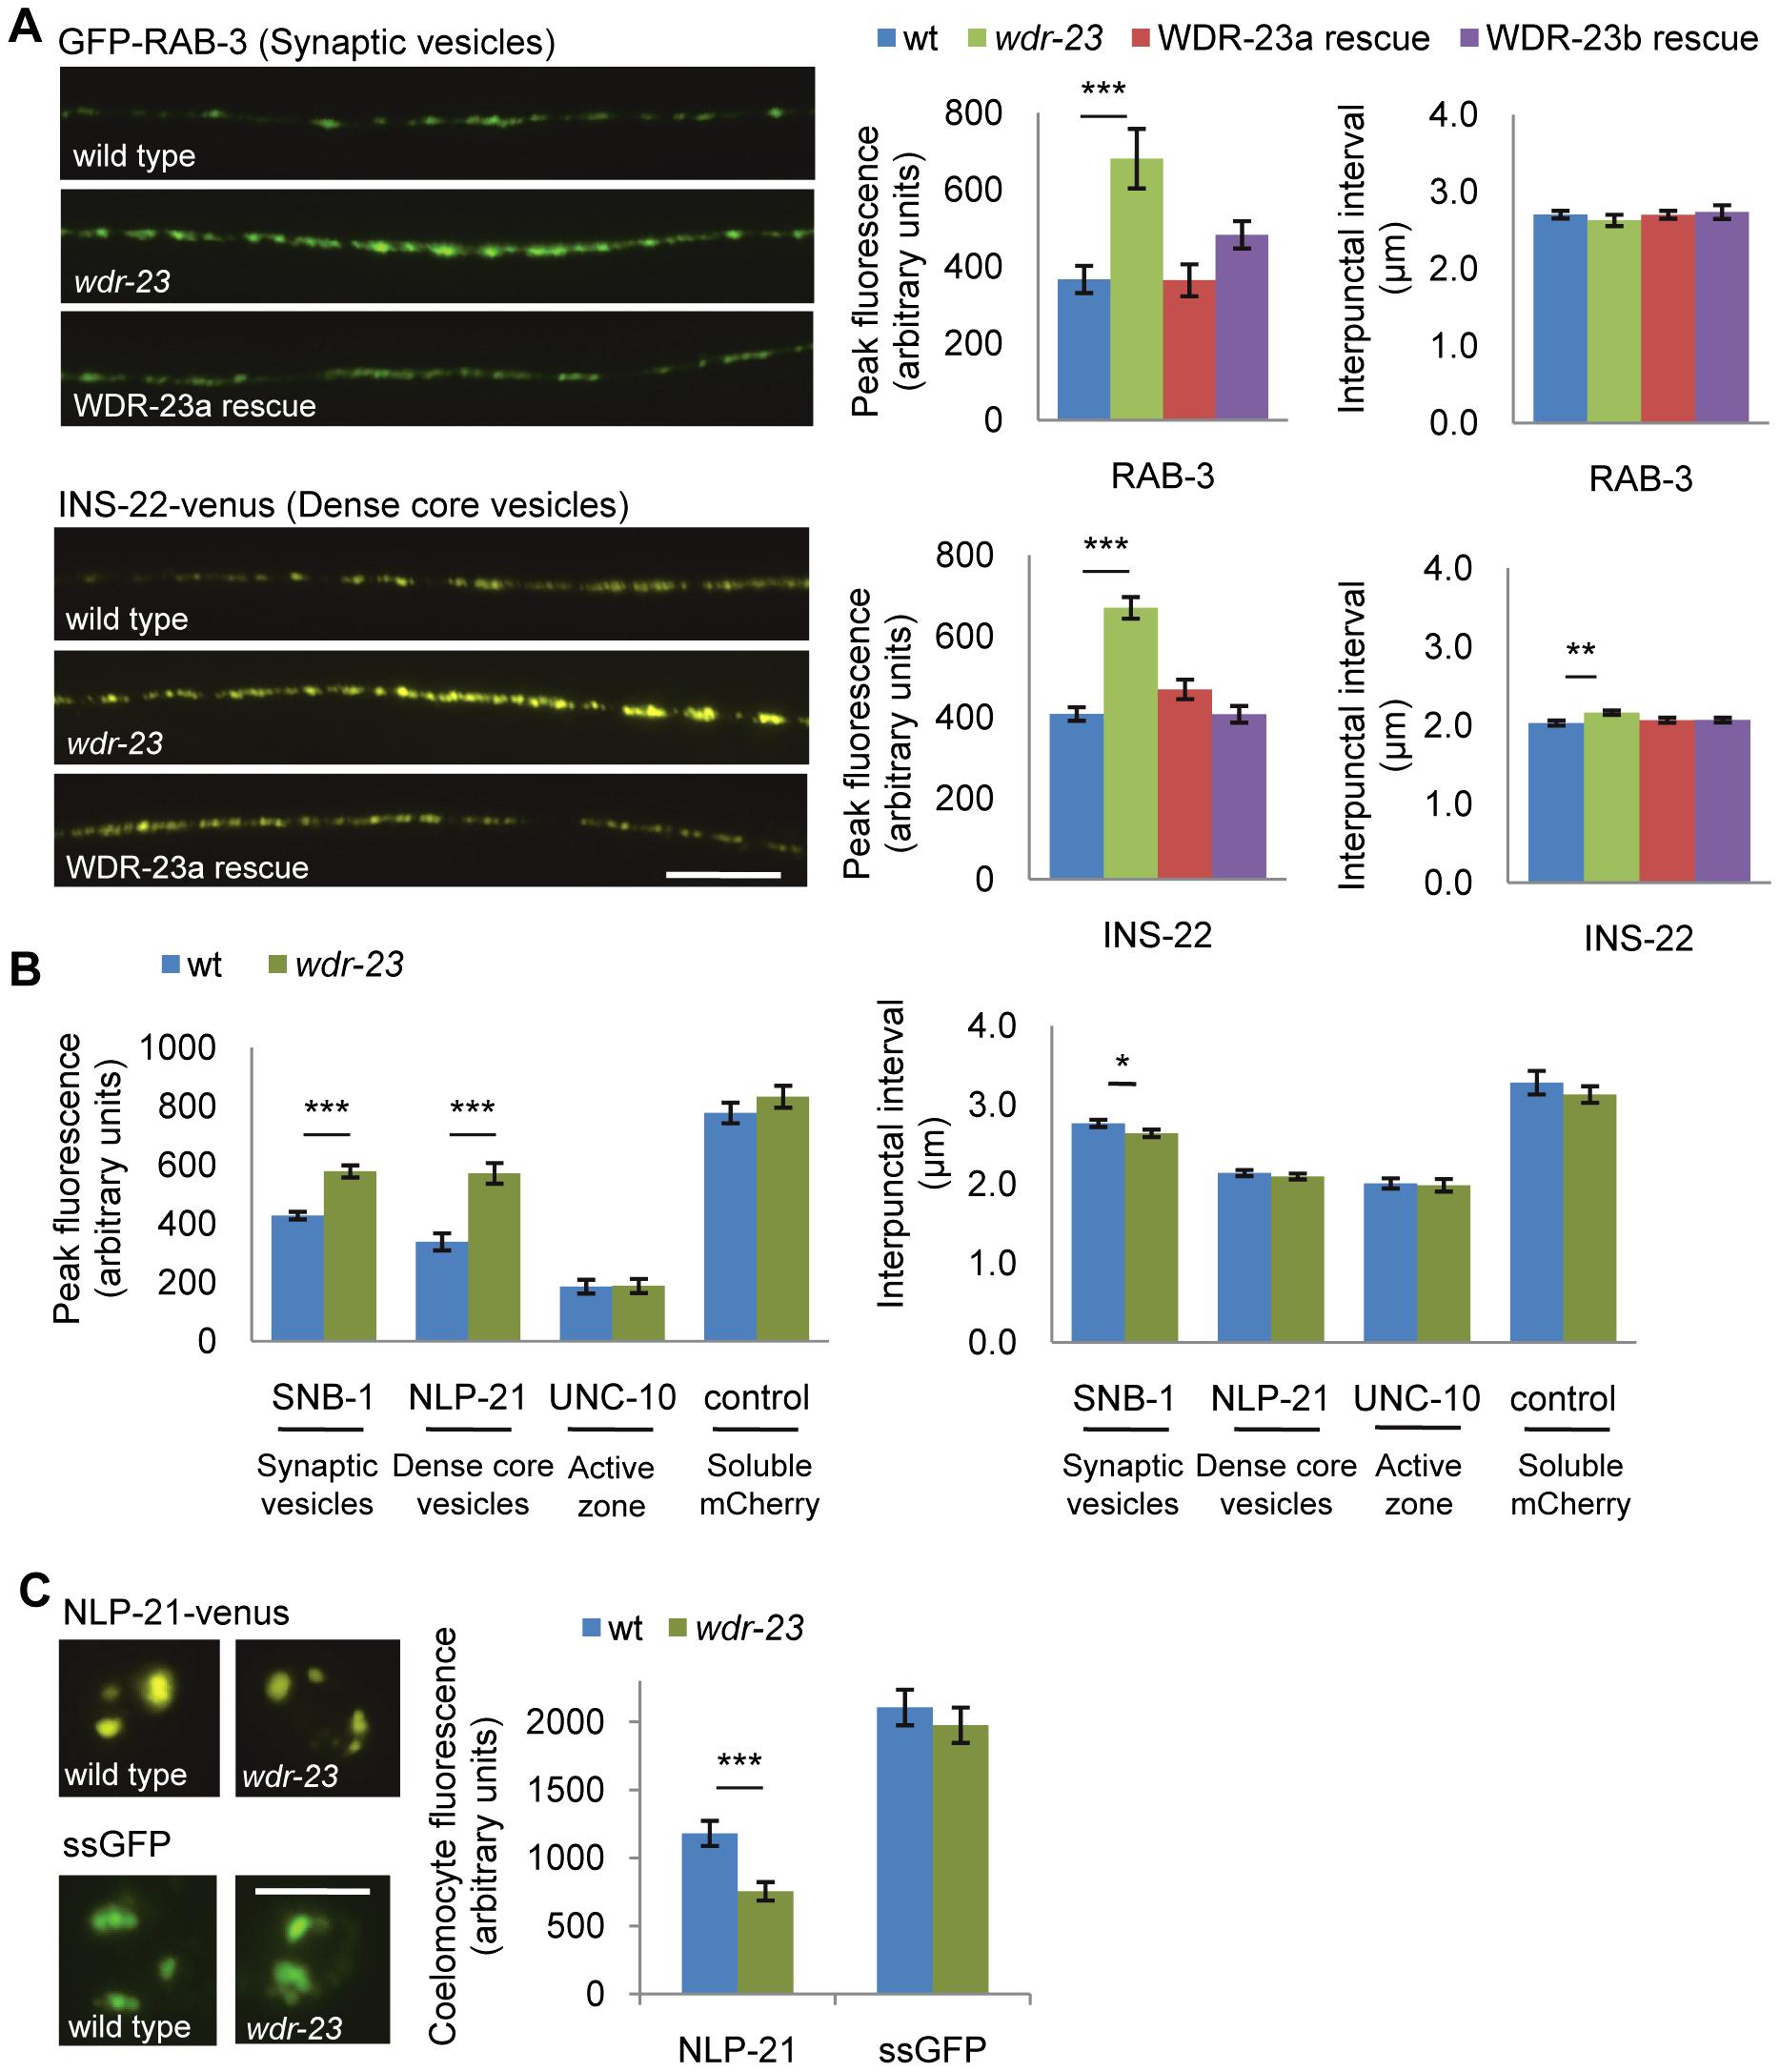 Synaptic vesicle and dense core vesicle secretion defects of <i>wdr-23</i> mutants.